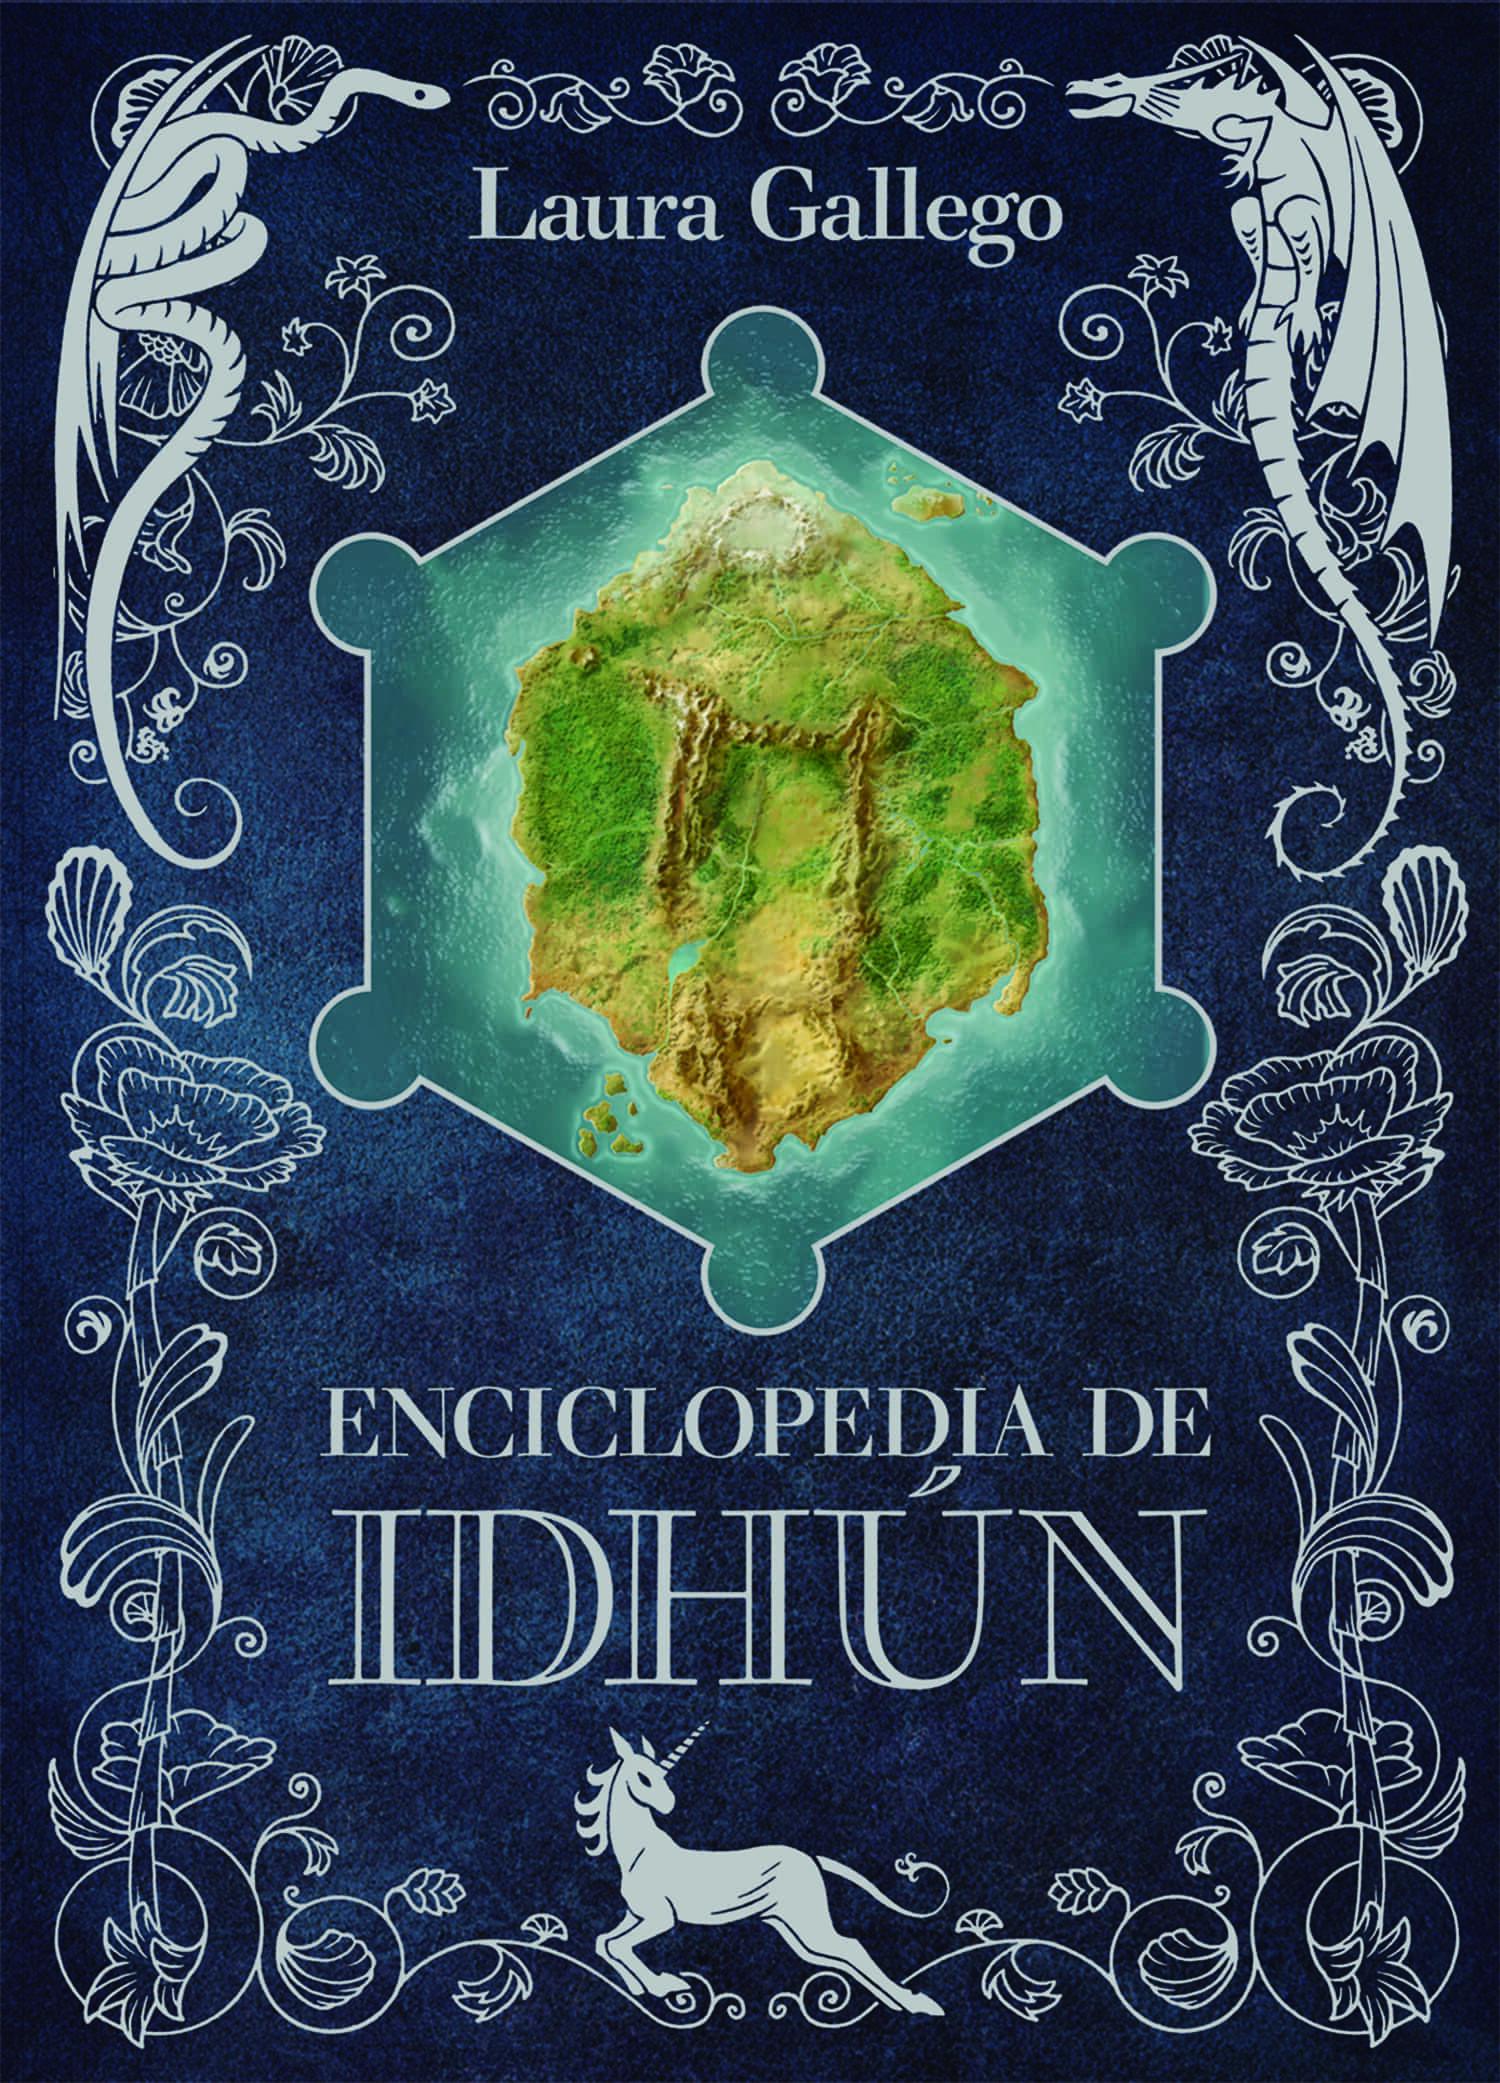 Enciclopedia de idhun laura gallego garcia comprar libro enciclopedia de idhun laura gallego garcia 9788467574128 gumiabroncs Images